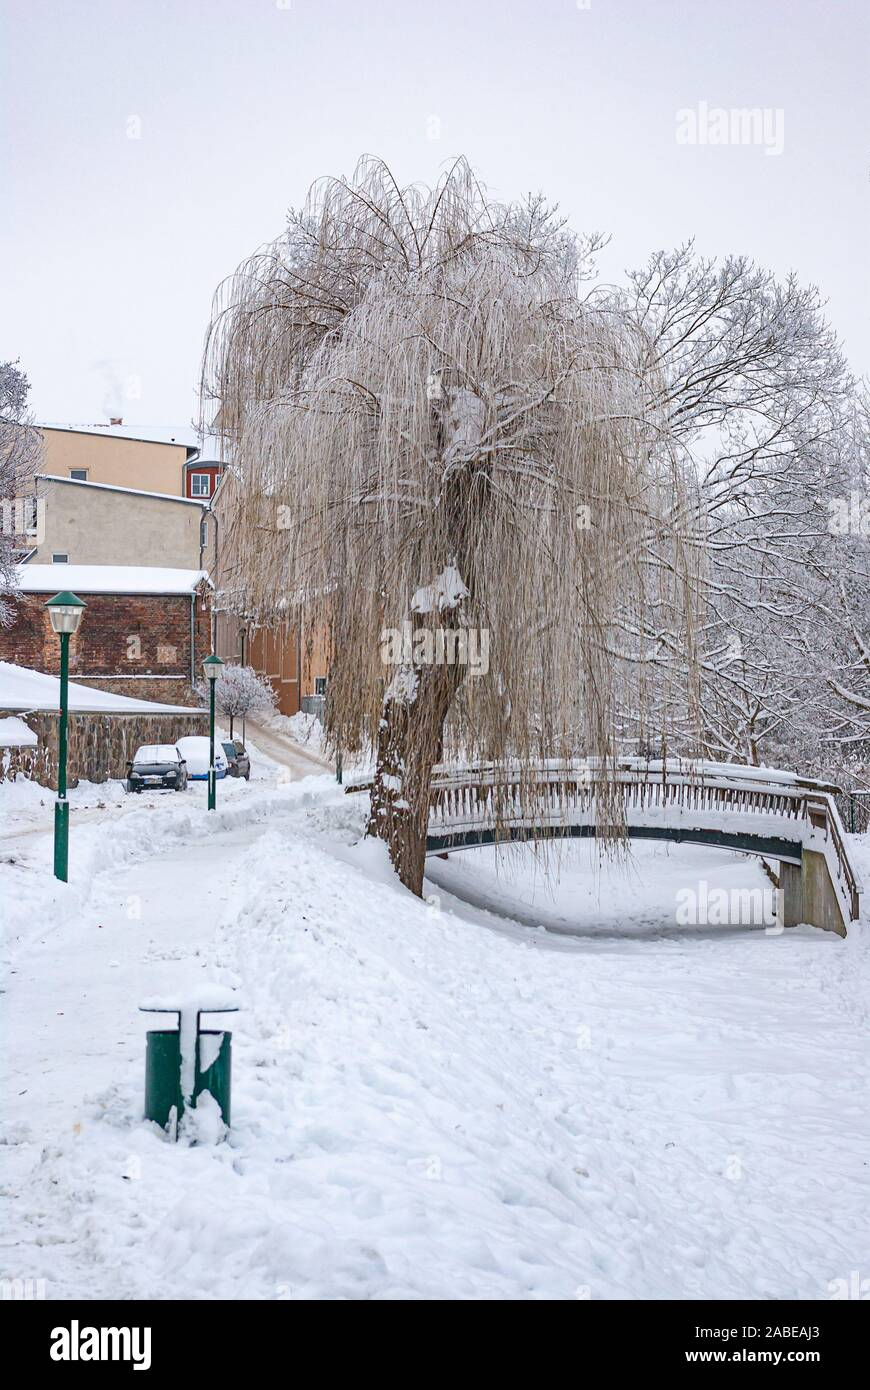 Starke Schneefälle in der ehemaligen Hansestadt haben jetzt endlich über den Winter gebracht. Stockfoto